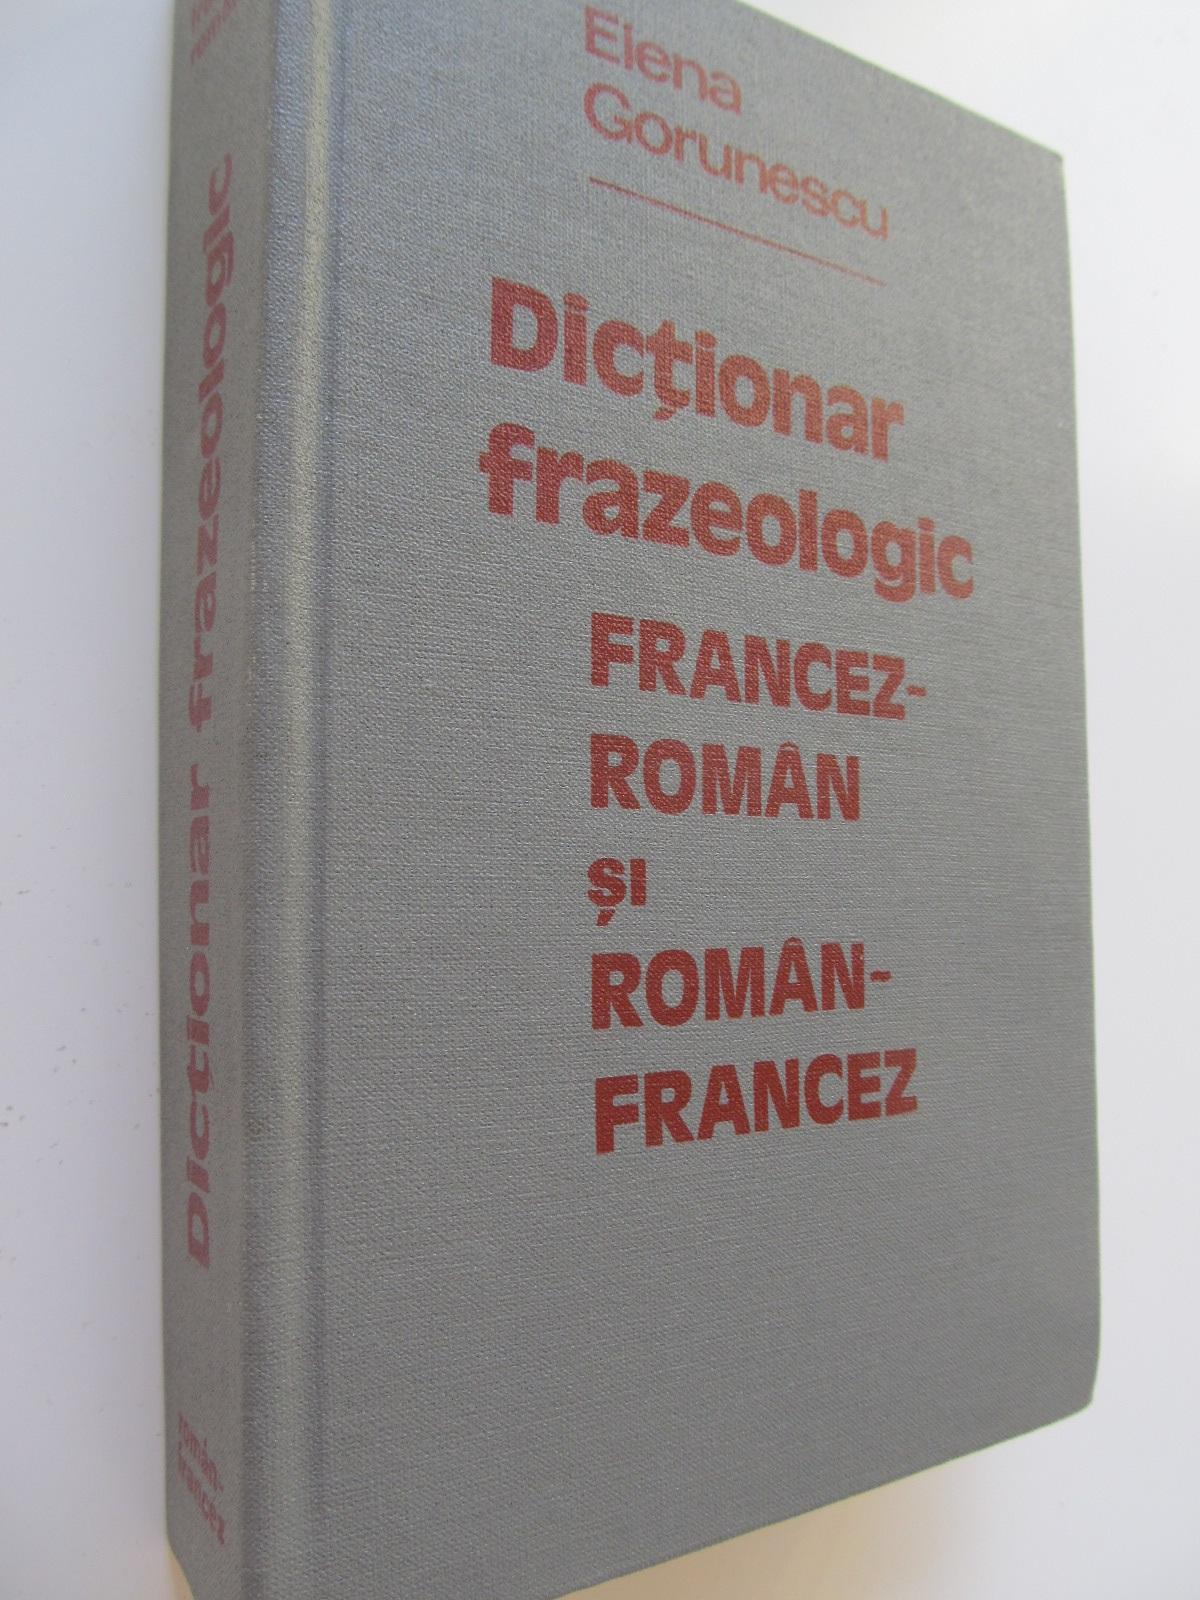 Dictionar frazeologic francez roman si roman francez - Elena Gorunescu | Detalii carte